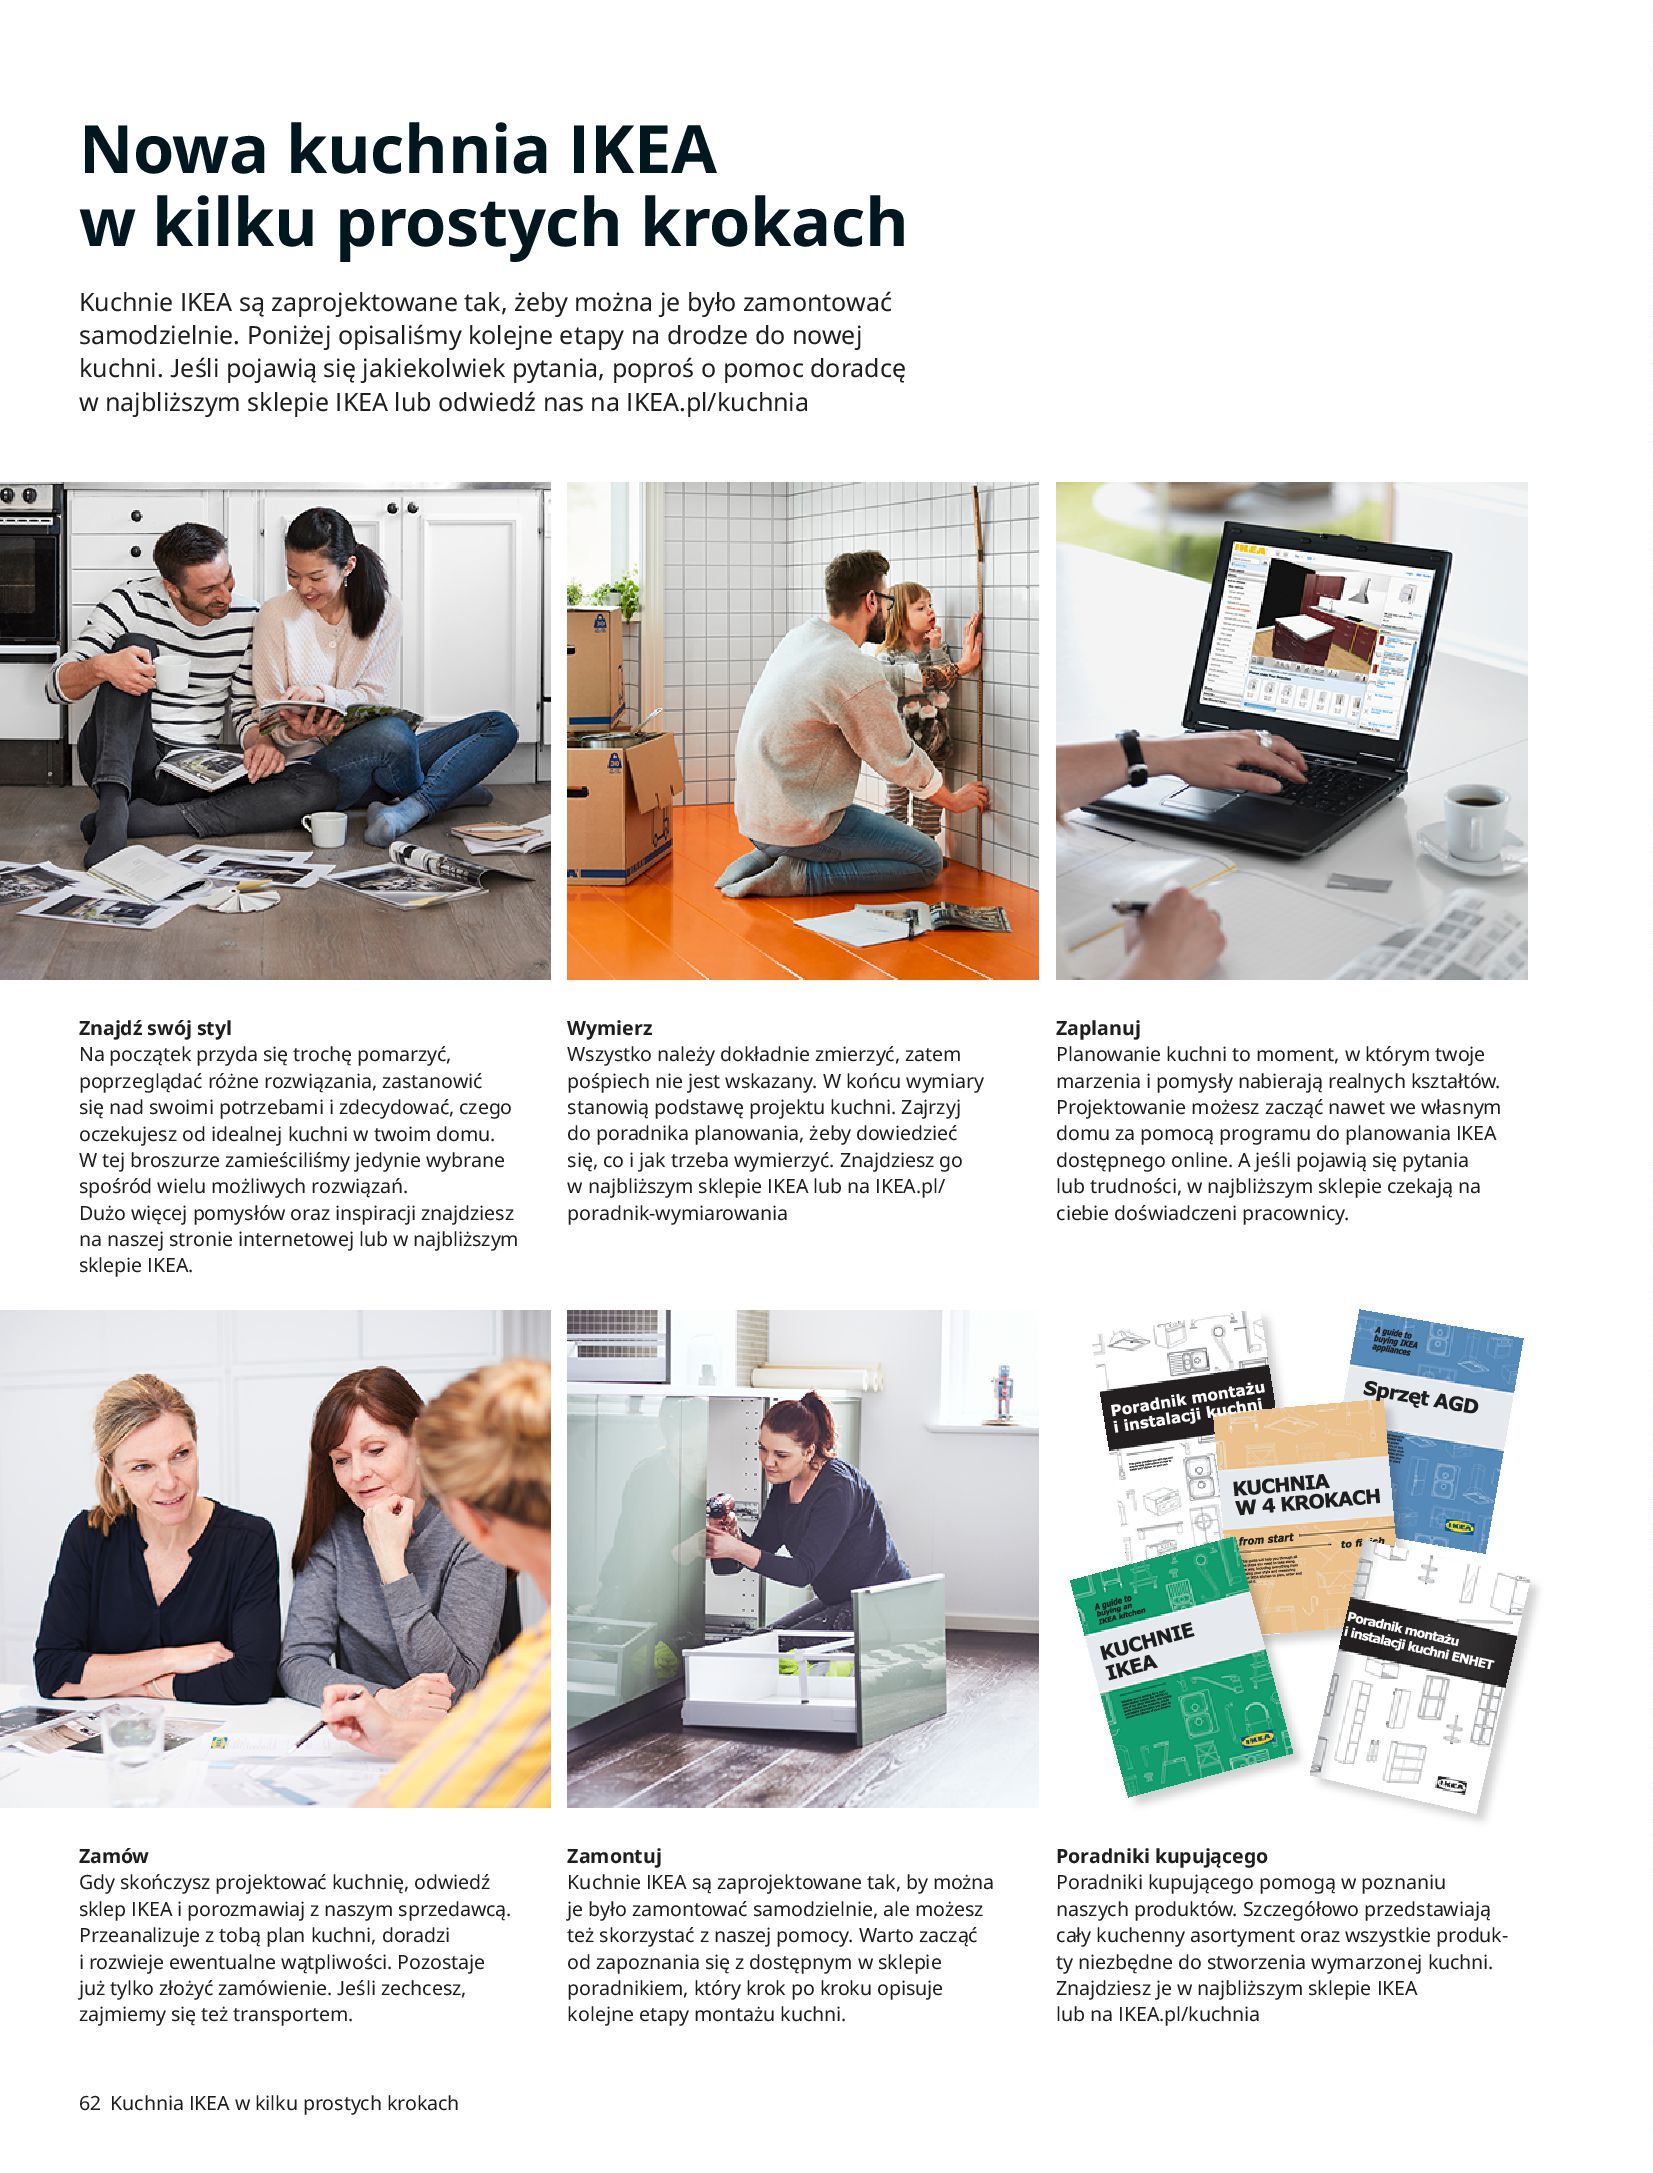 Gazetka IKEA: KUCHNIE 2021 2021-01-13 page-62